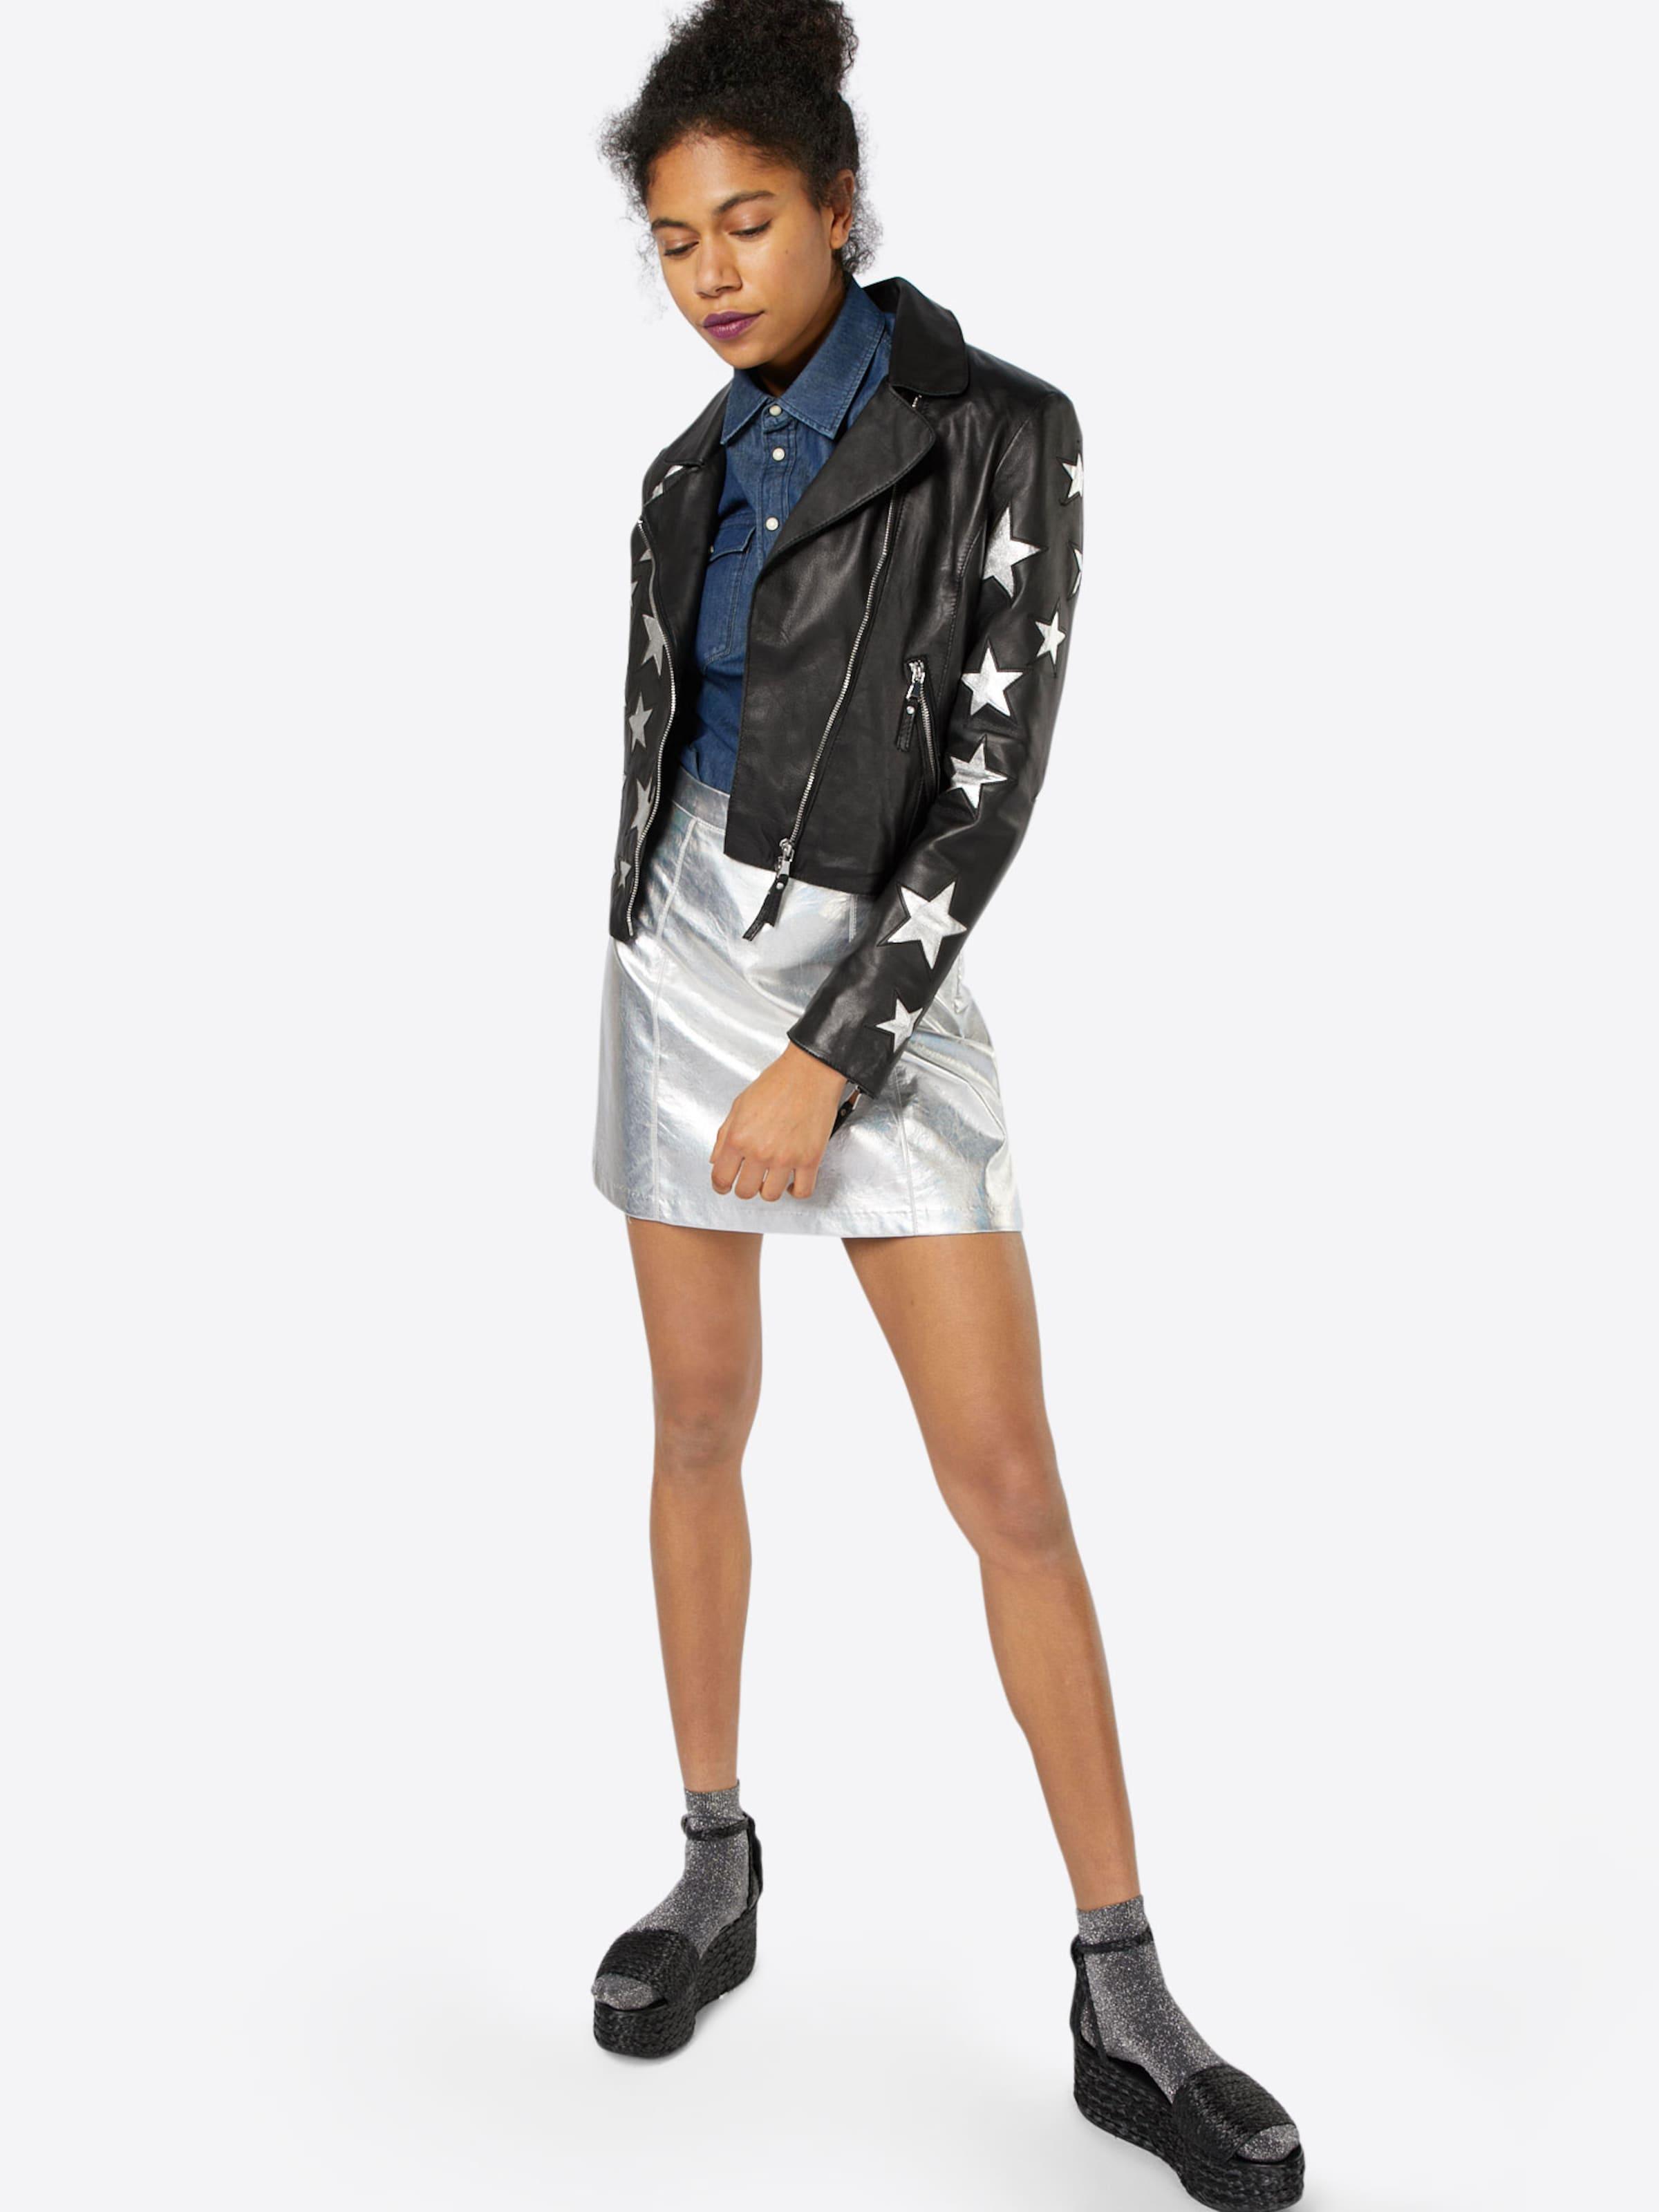 G-STAR RAW Jeansbluse '3301' Rabatte Online Footlocker Spielraum Zuverlässig Verkauf Mode-Stil Günstig Kaufen Schnelle Lieferung 4lyHNTF3Pt